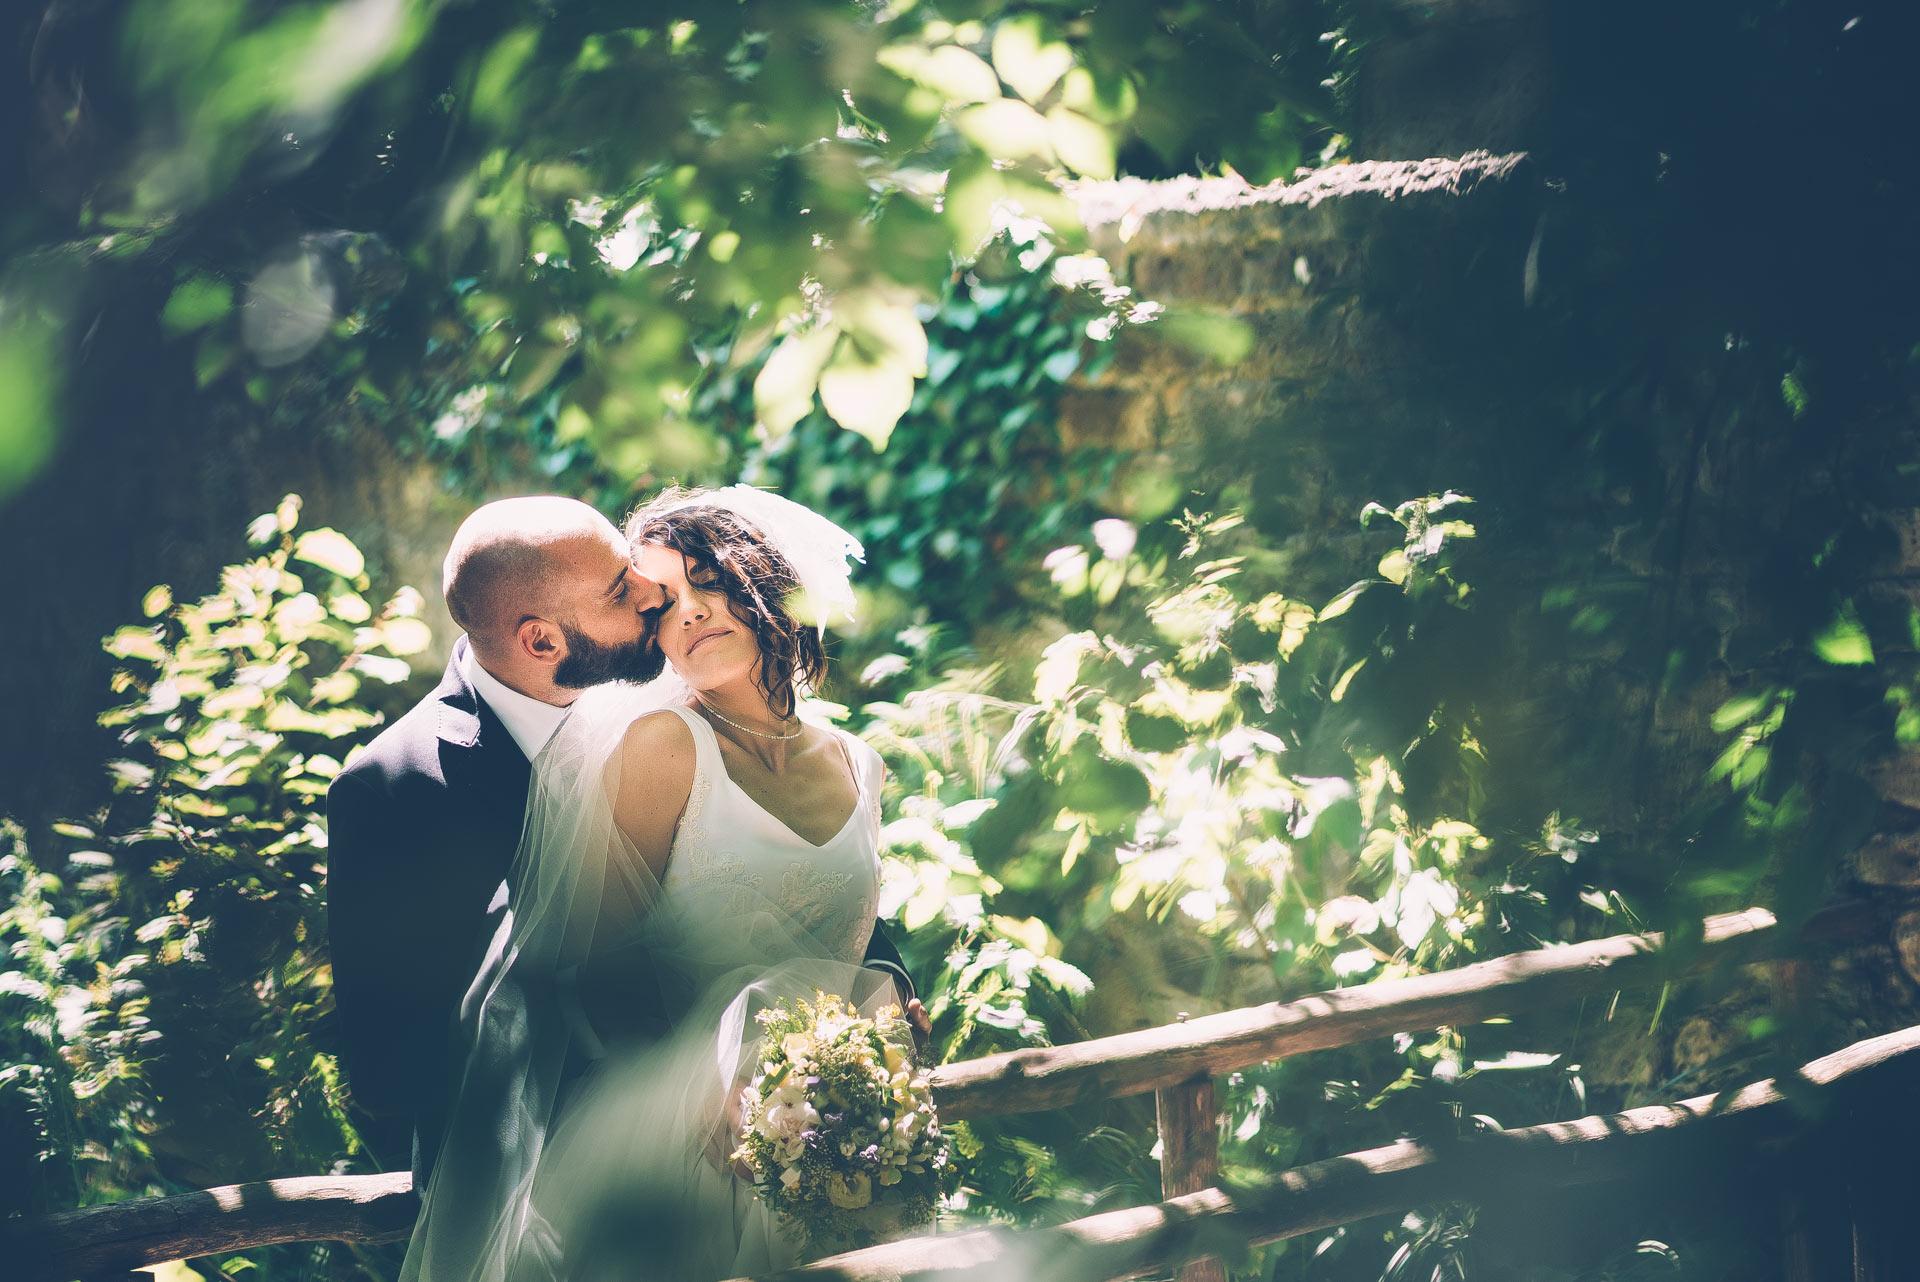 foto-ritratti-matrimonio-roma-13